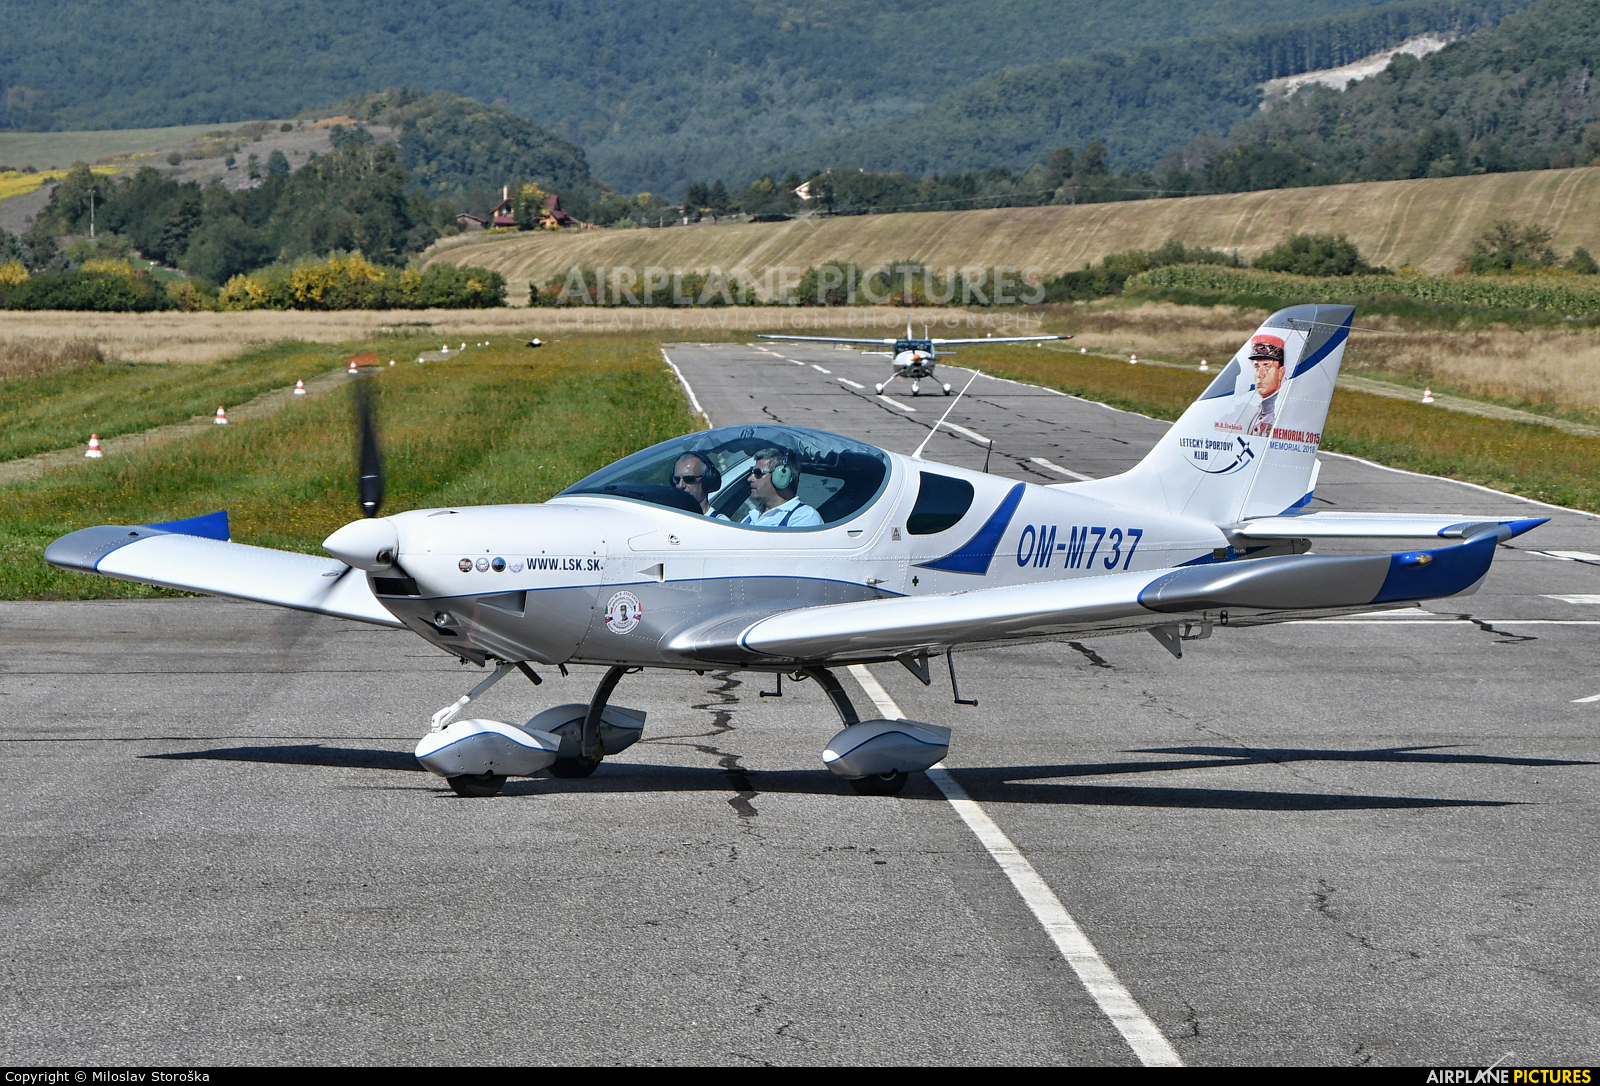 Letecky Sportovy Klub Zvolen OM-M737 aircraft at Dobra Niva